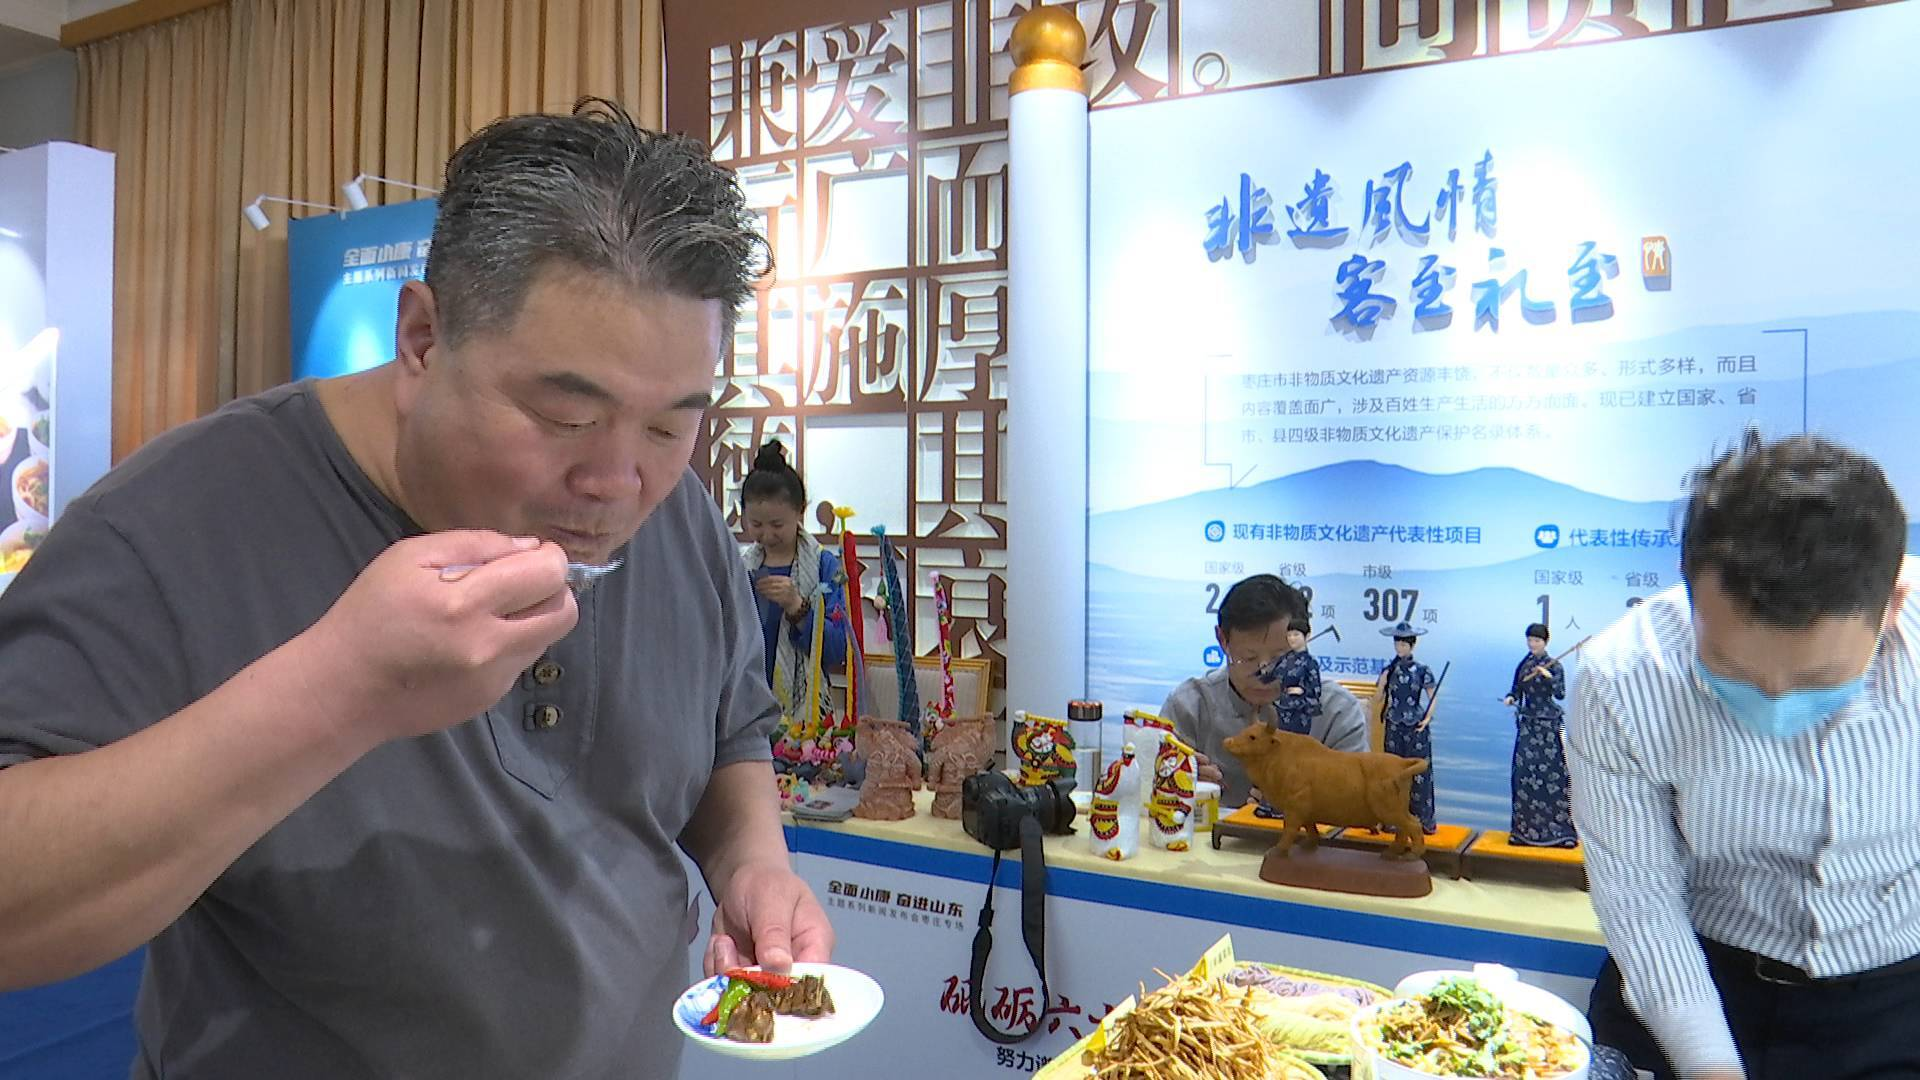 正宗枣庄辣子鸡、软籽石榴……枣庄专场发布会上这特色产品展示建市60年新变化